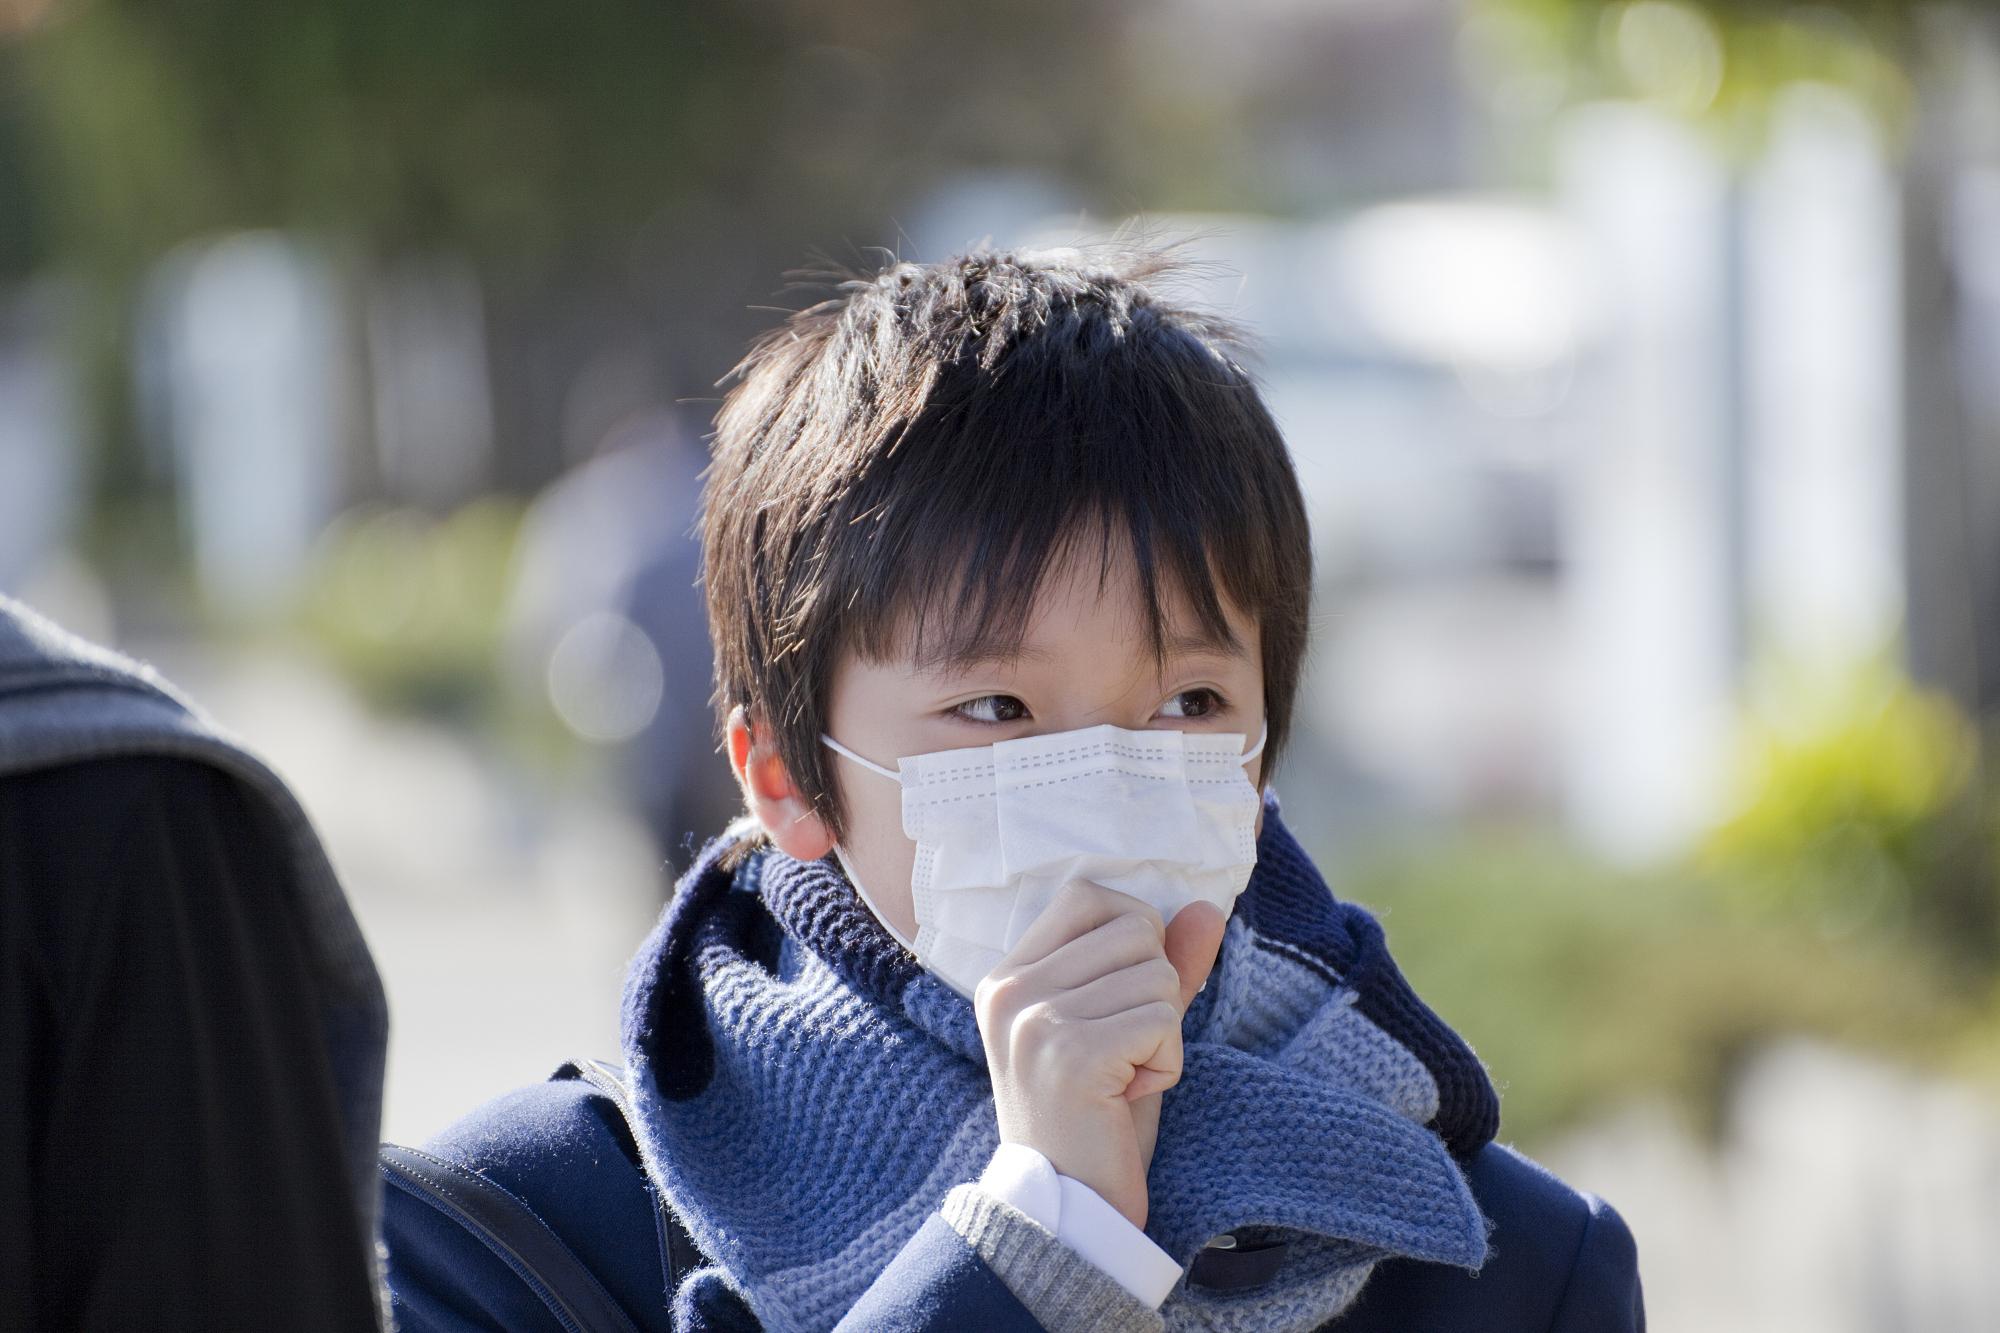 学生戴不戴口罩是个科学问题